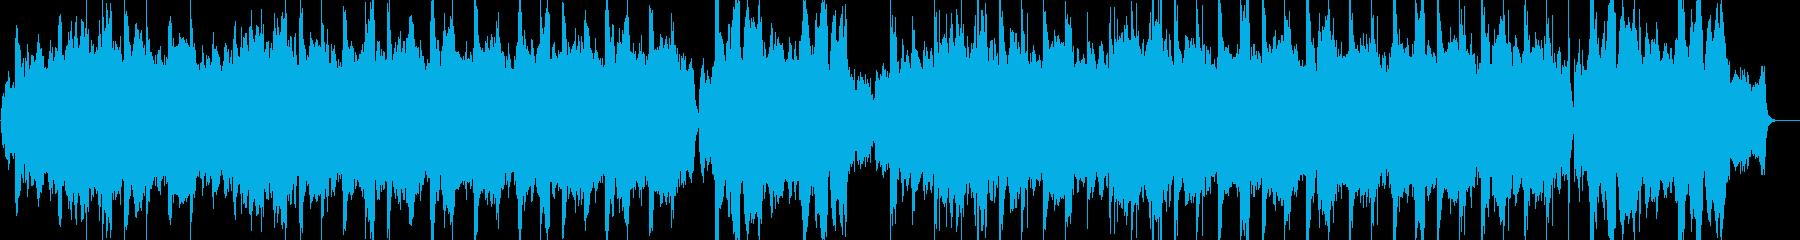 感動的なシーンにぴったりのストリングス曲の再生済みの波形